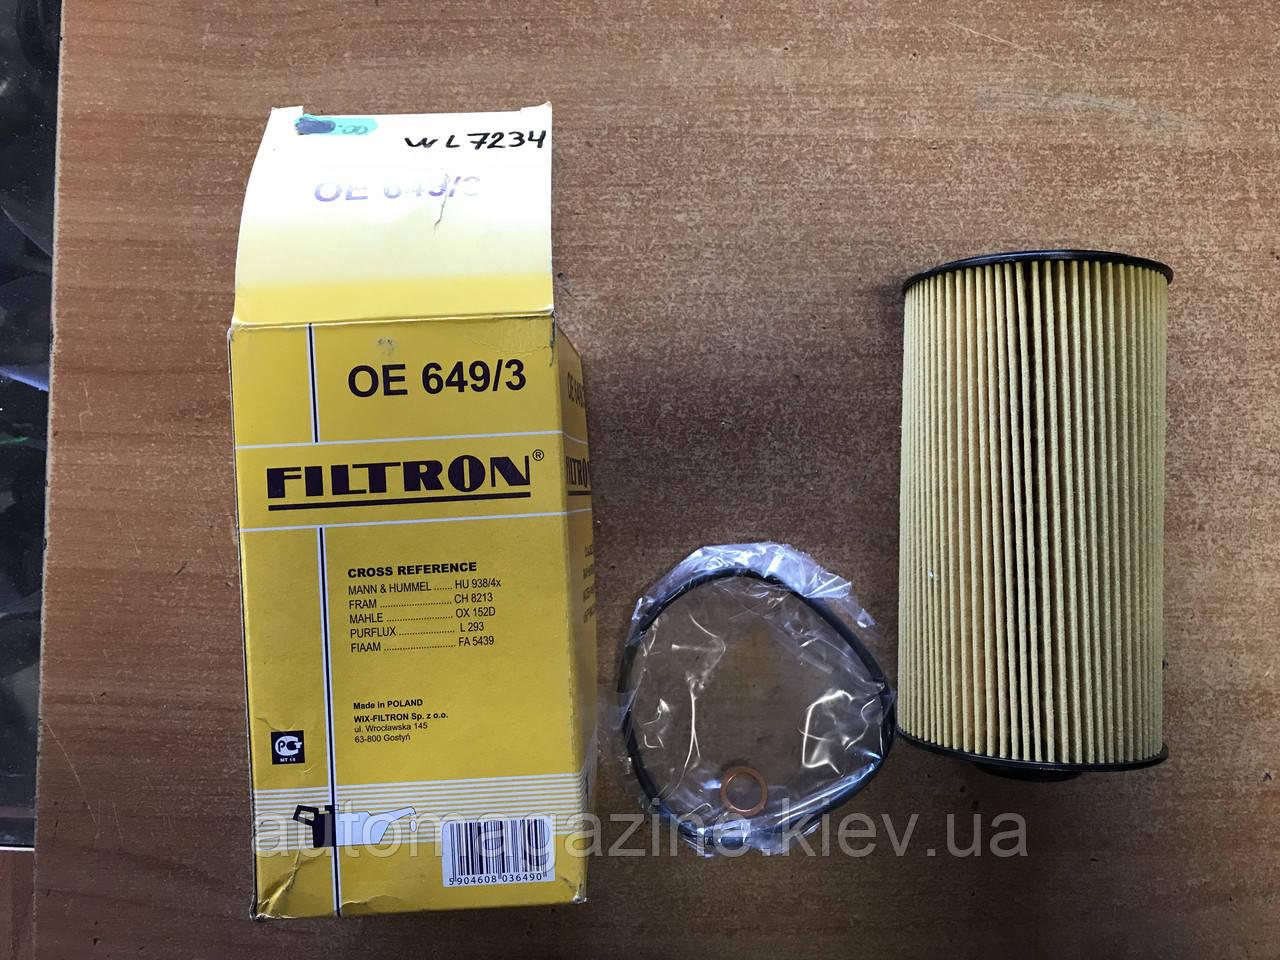 Фільтр масляний WL 7234 (OE649/3)